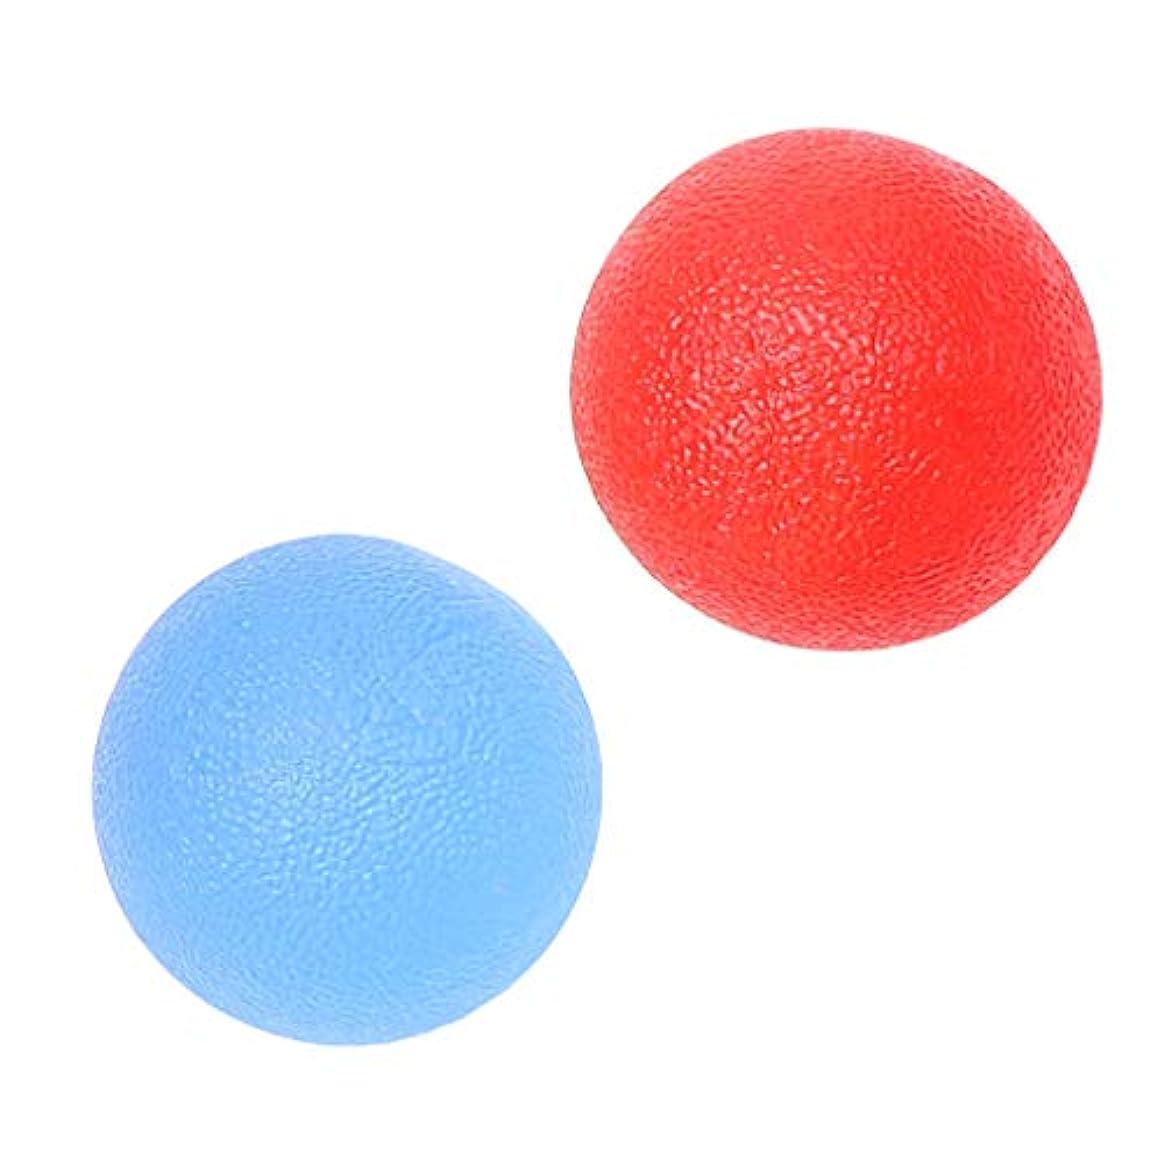 メロディー塩辛い不測の事態Baoblaze ハンドグリップ ボール シリコン マッサージ 指トレーニング ストレス緩和 赤/青 2個入